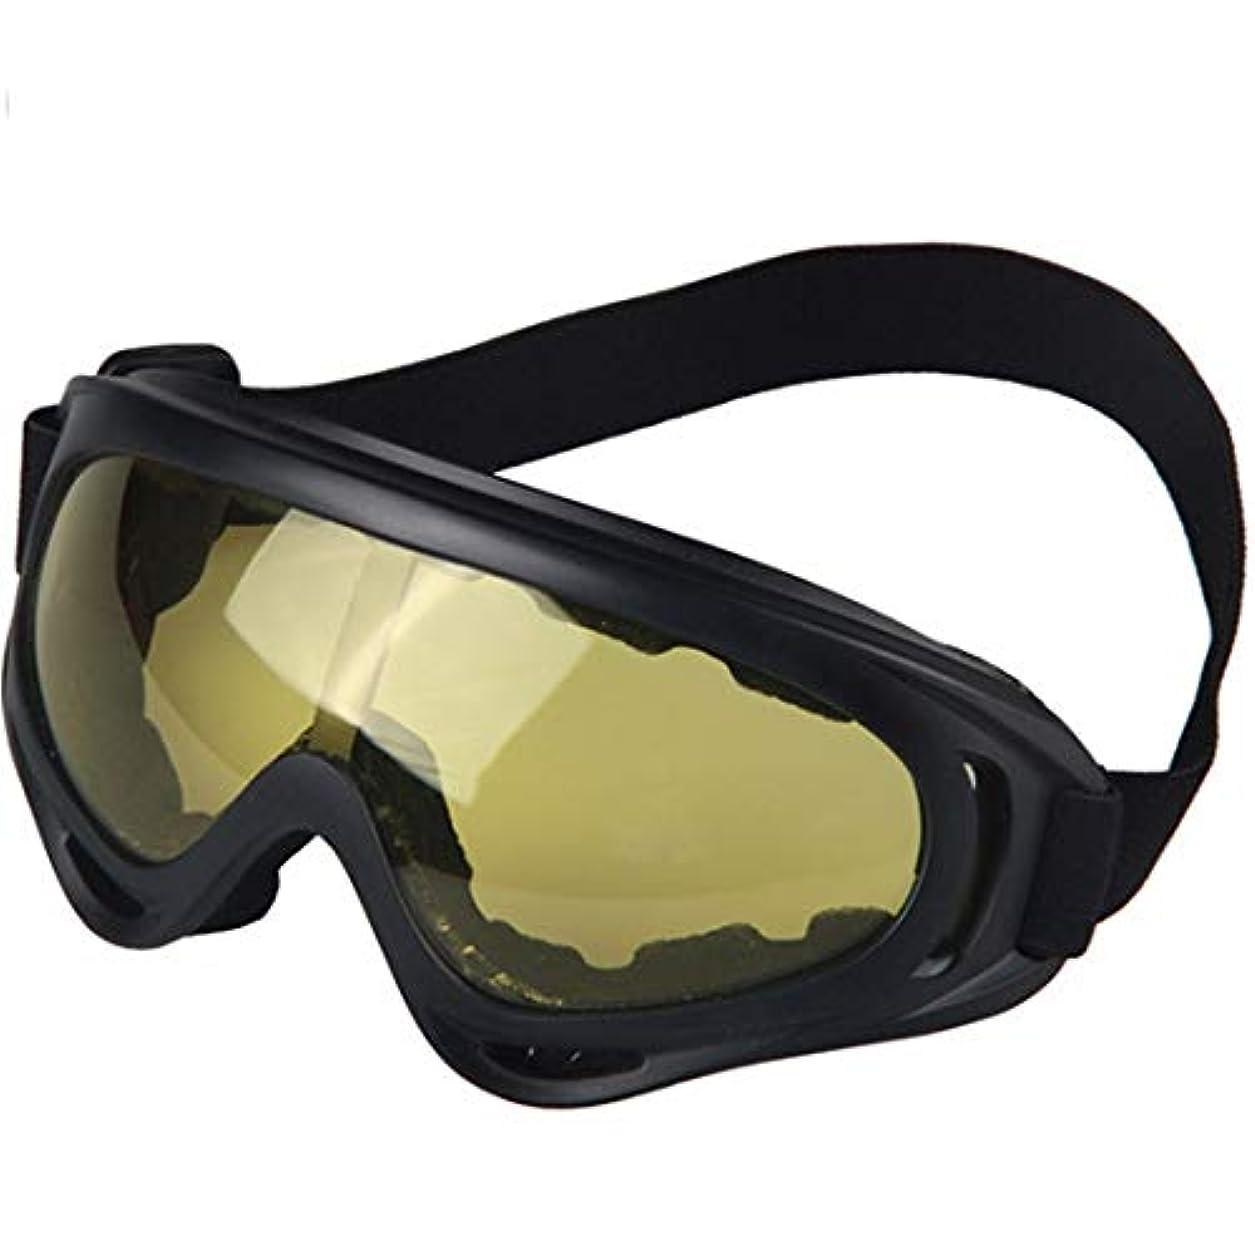 鳴り響く進化する行き当たりばったりLilyAngel アウトドアスポーツ眼鏡オートバイ防風ゴーグル乗馬クロスカントリーゴーグルスキーゴーグル (Color : Yellow lens)